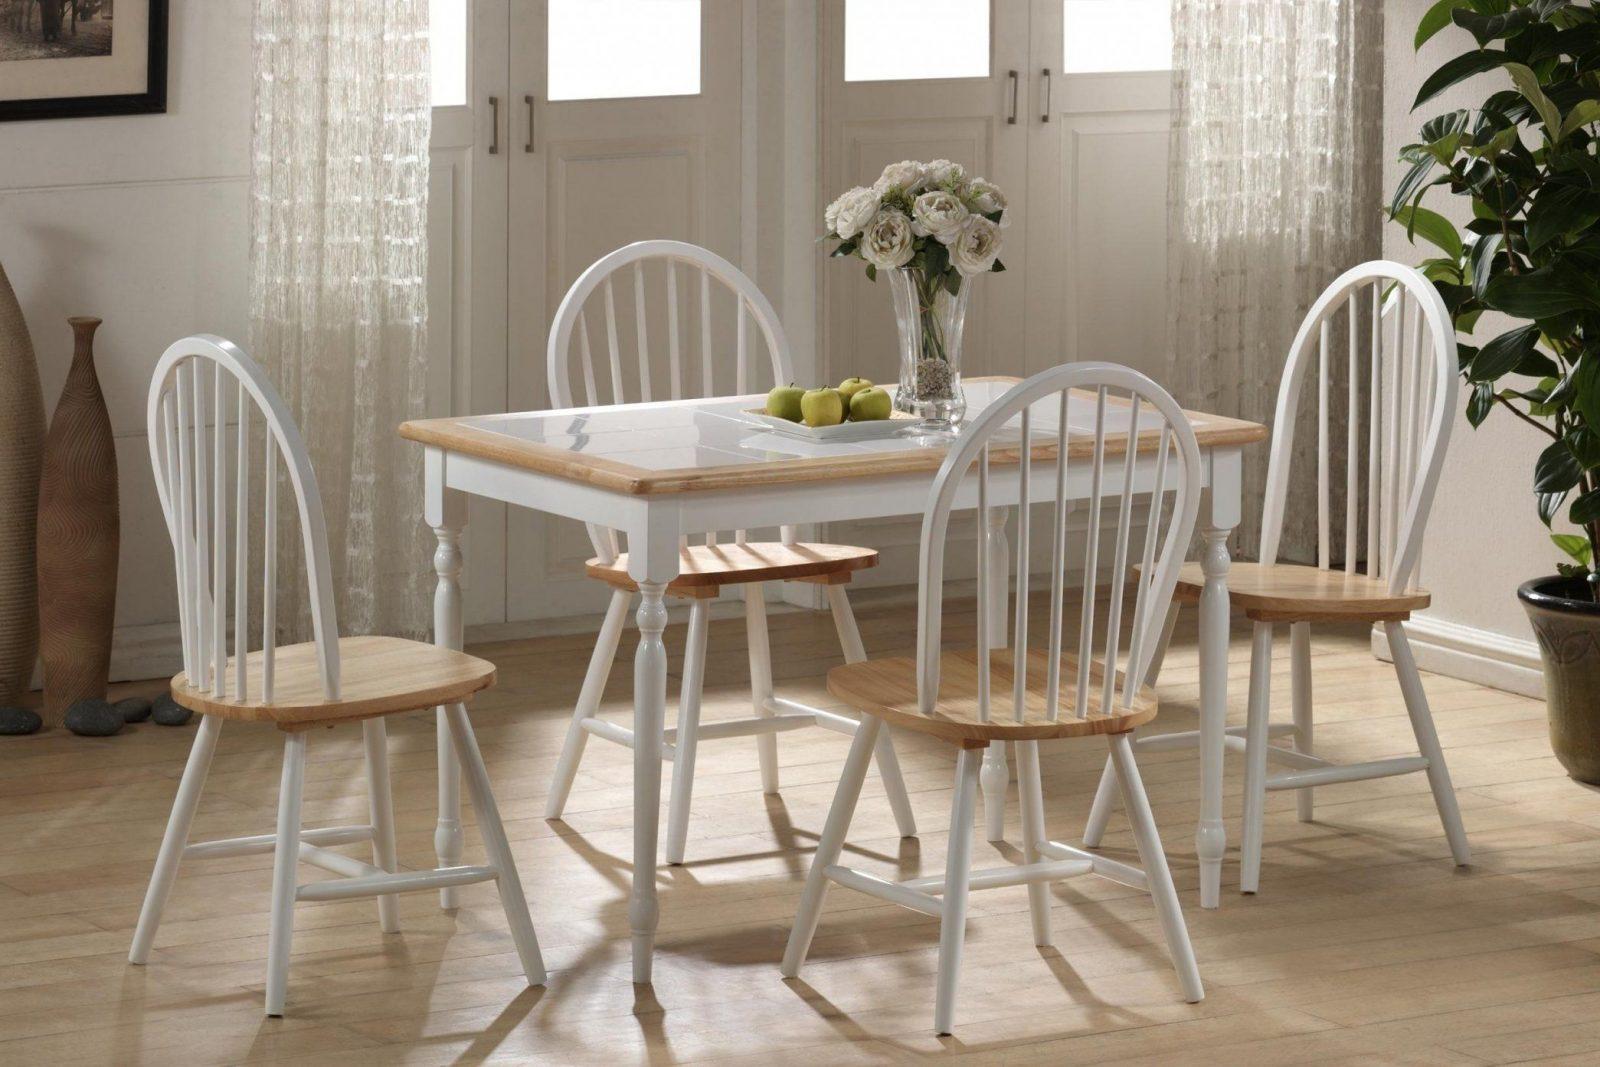 Küchentisch Und Stühle Für Kleine Küchen Haus Design Ideen